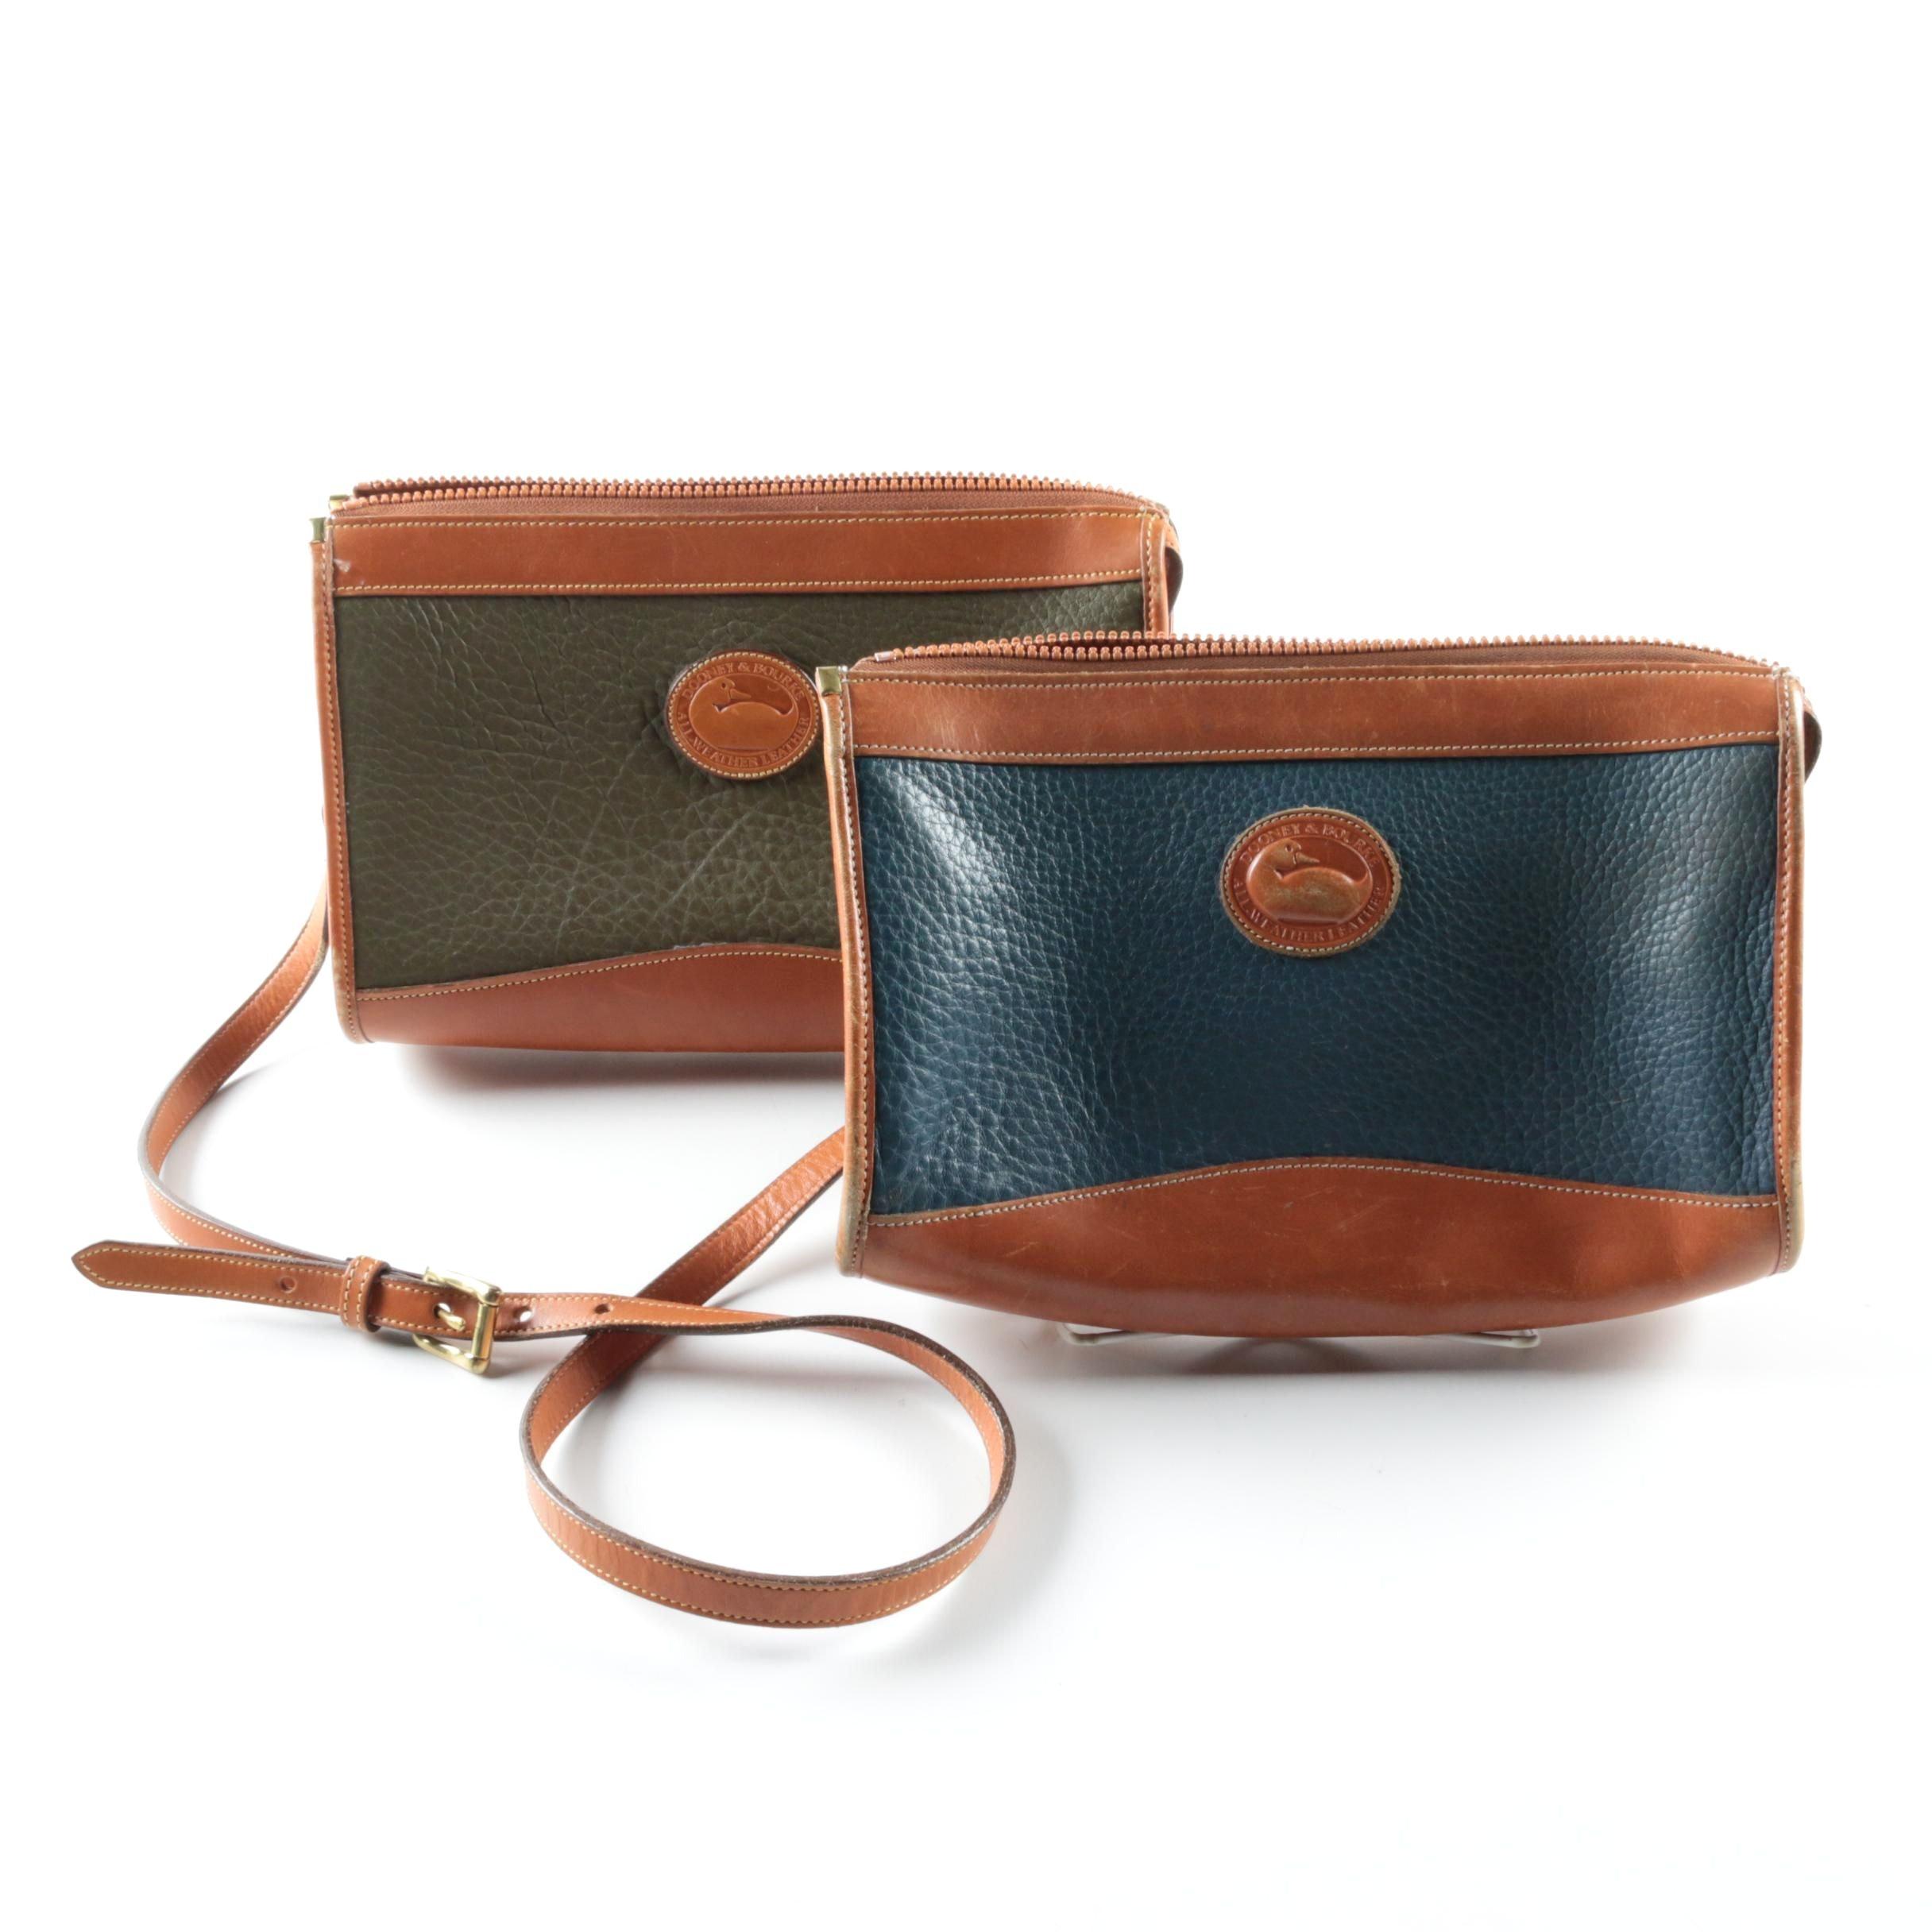 Leather Dooney & Bourke Shoulderbags